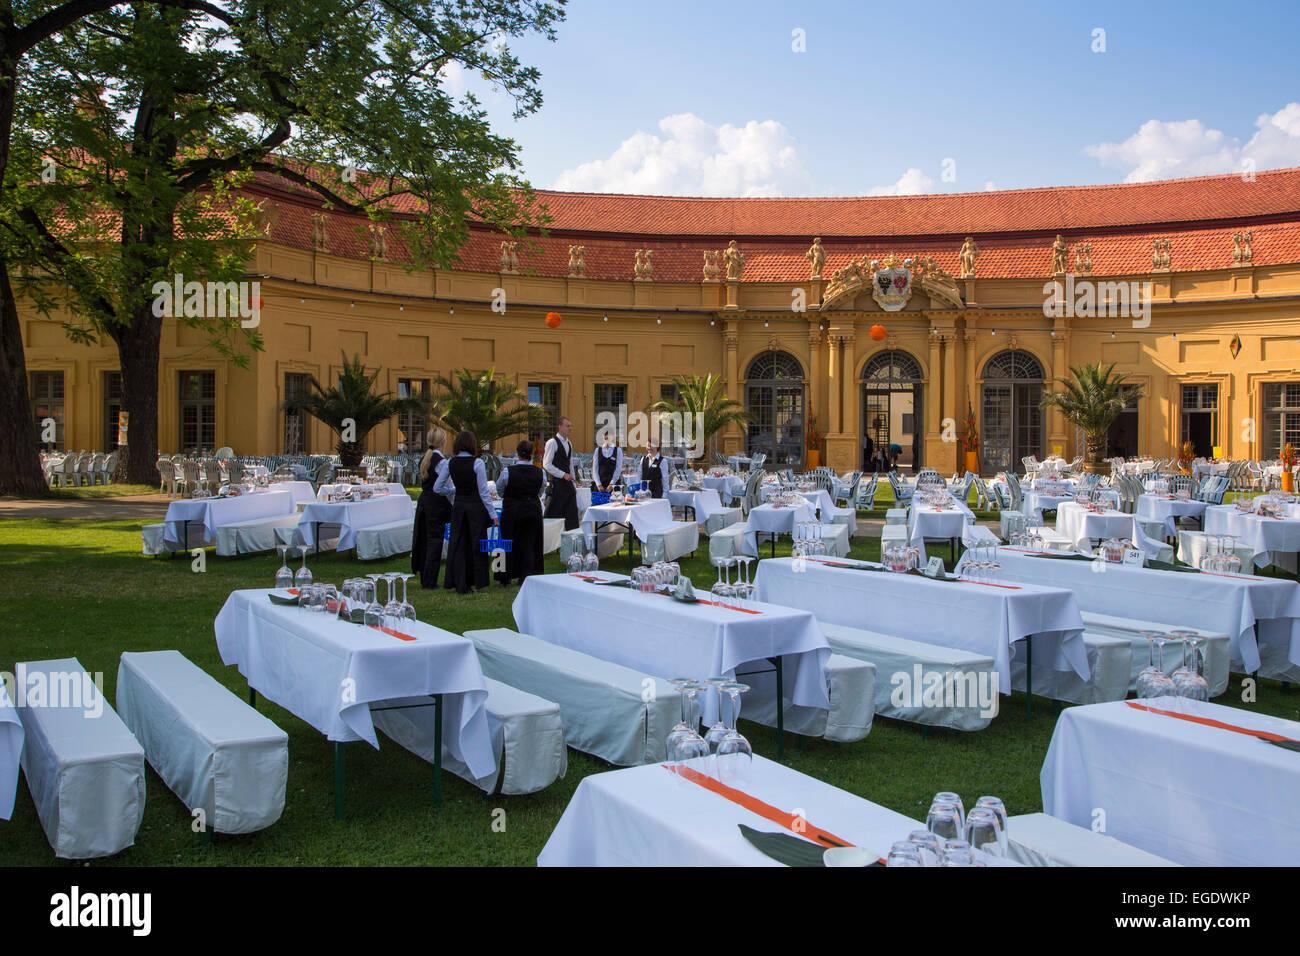 Elegante Tisch-Einstellungen für den offiziellen Ball im Schlossgarten, veranstaltet von der Universität Stockbild